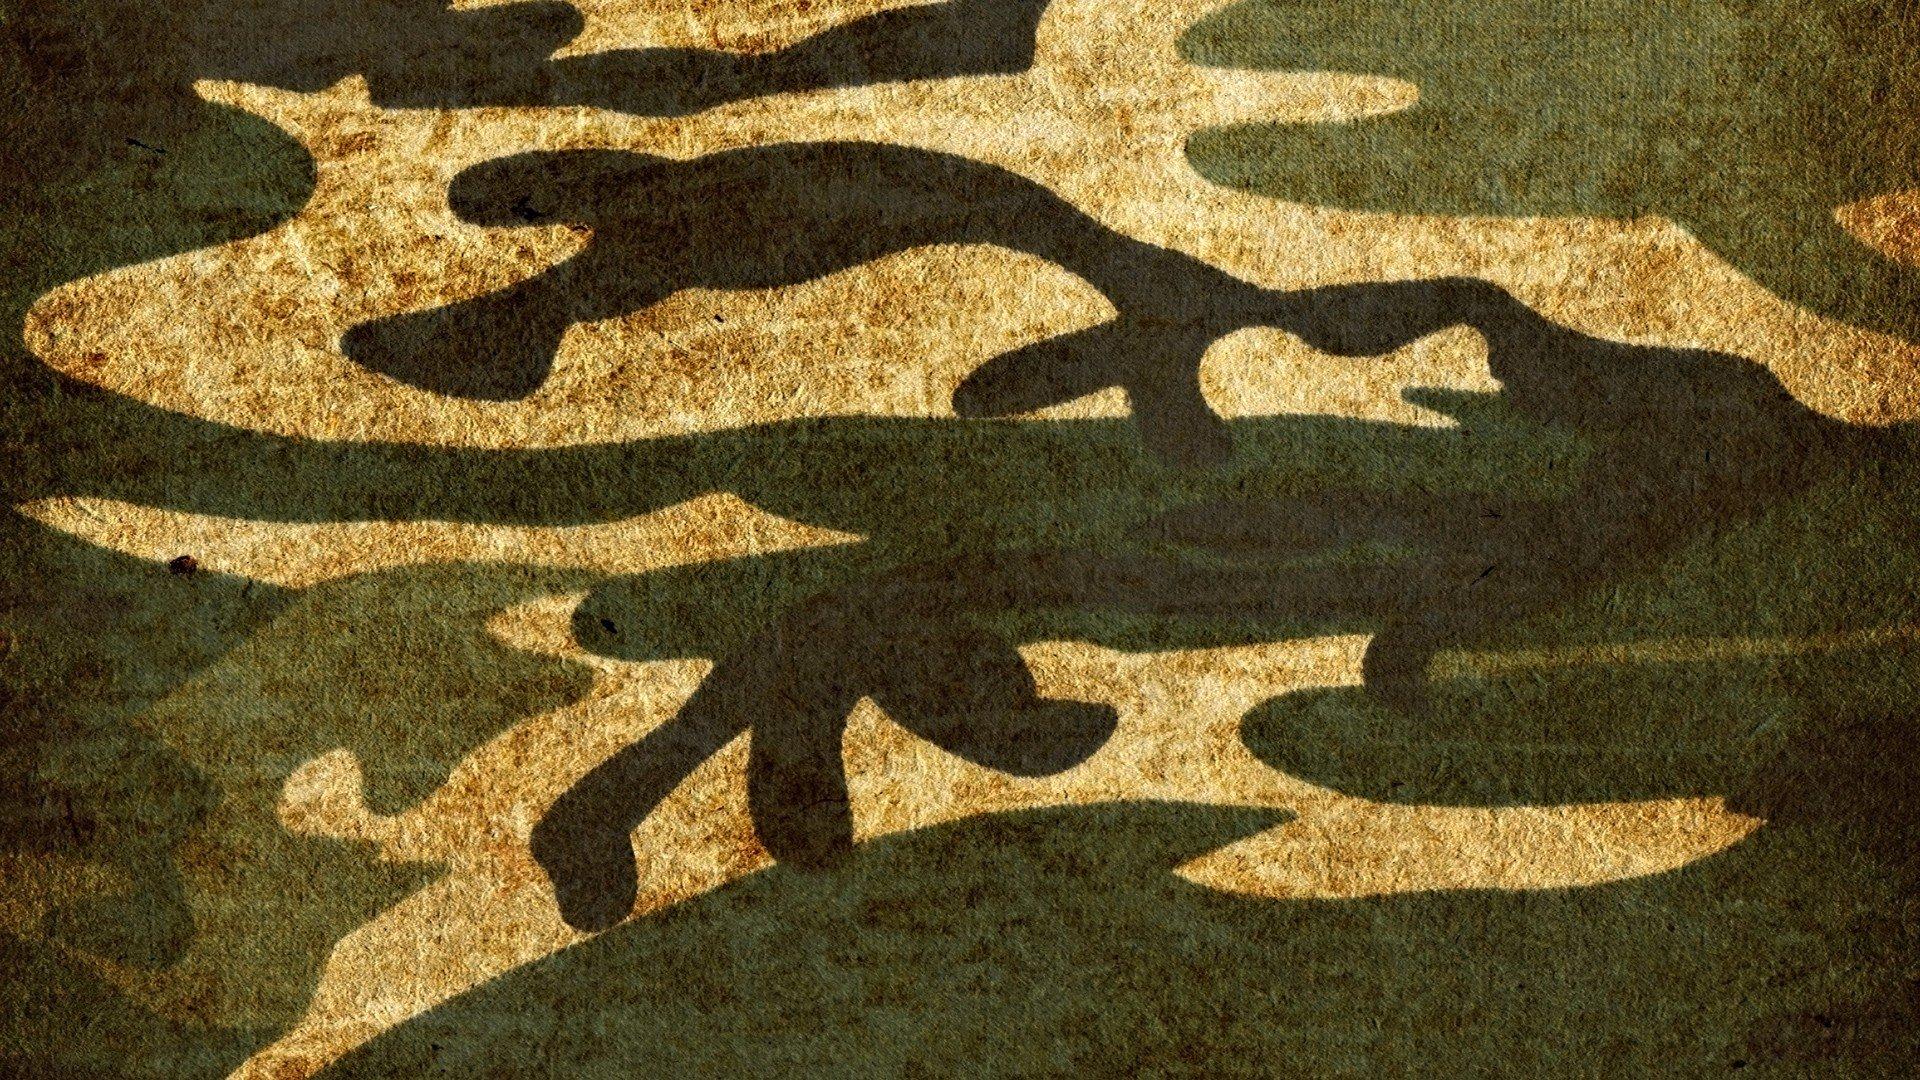 Desktop Camouflage - HD Wallpaper